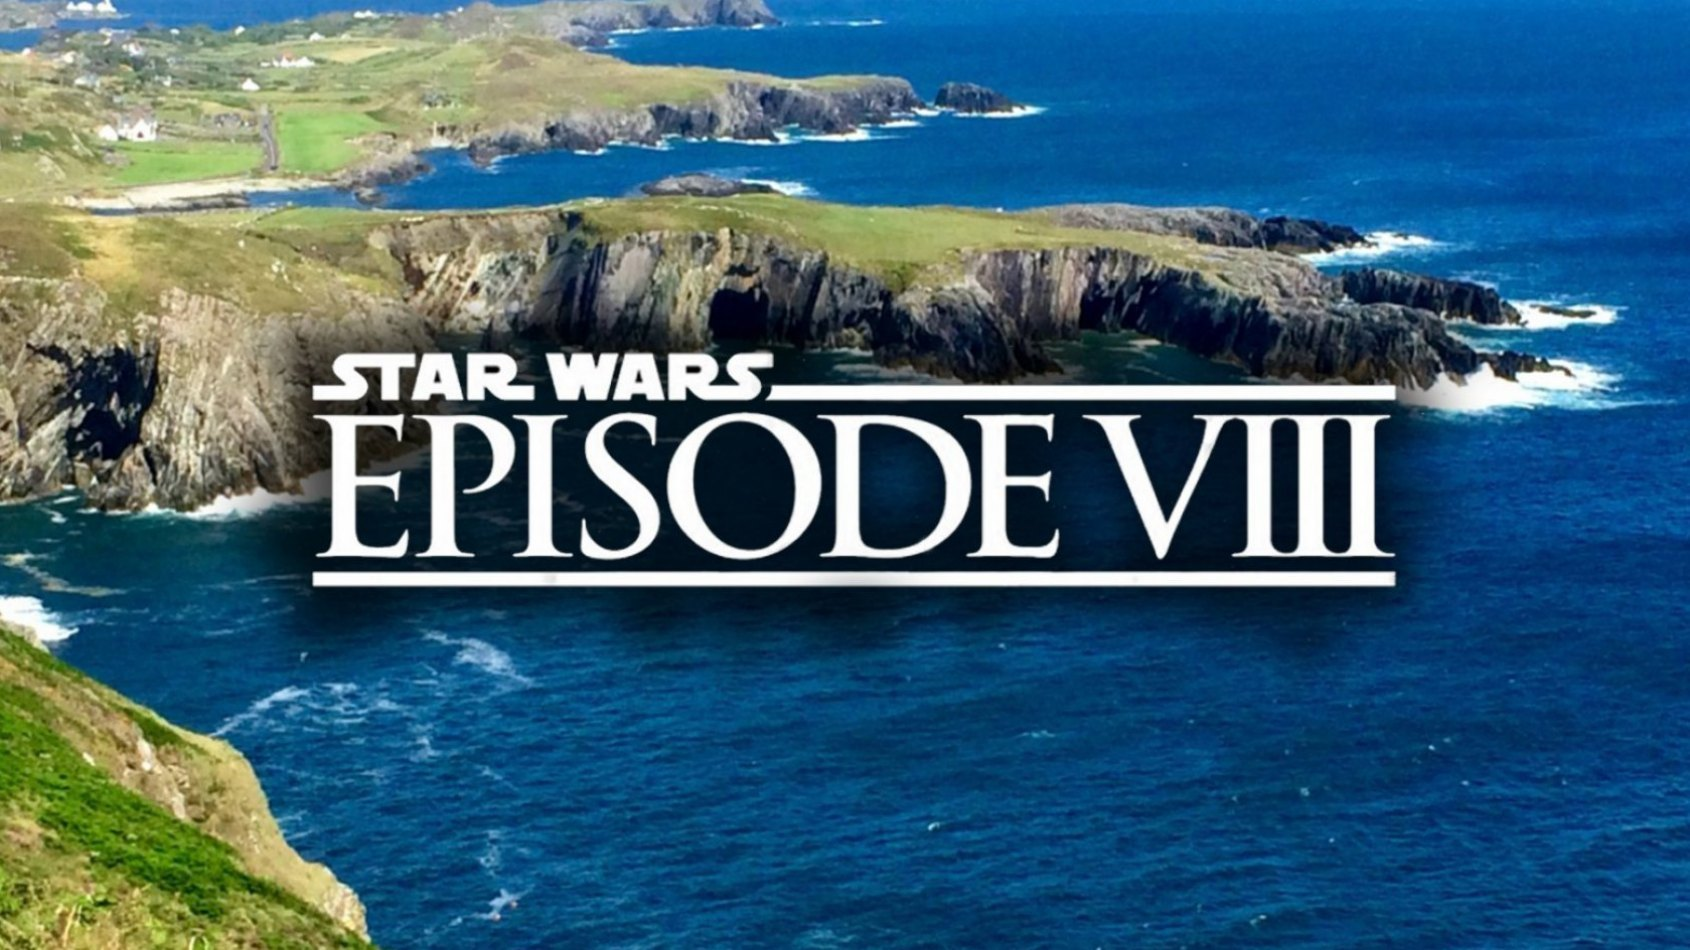 De nouvelles photos des d�cors de tournage en Irlande